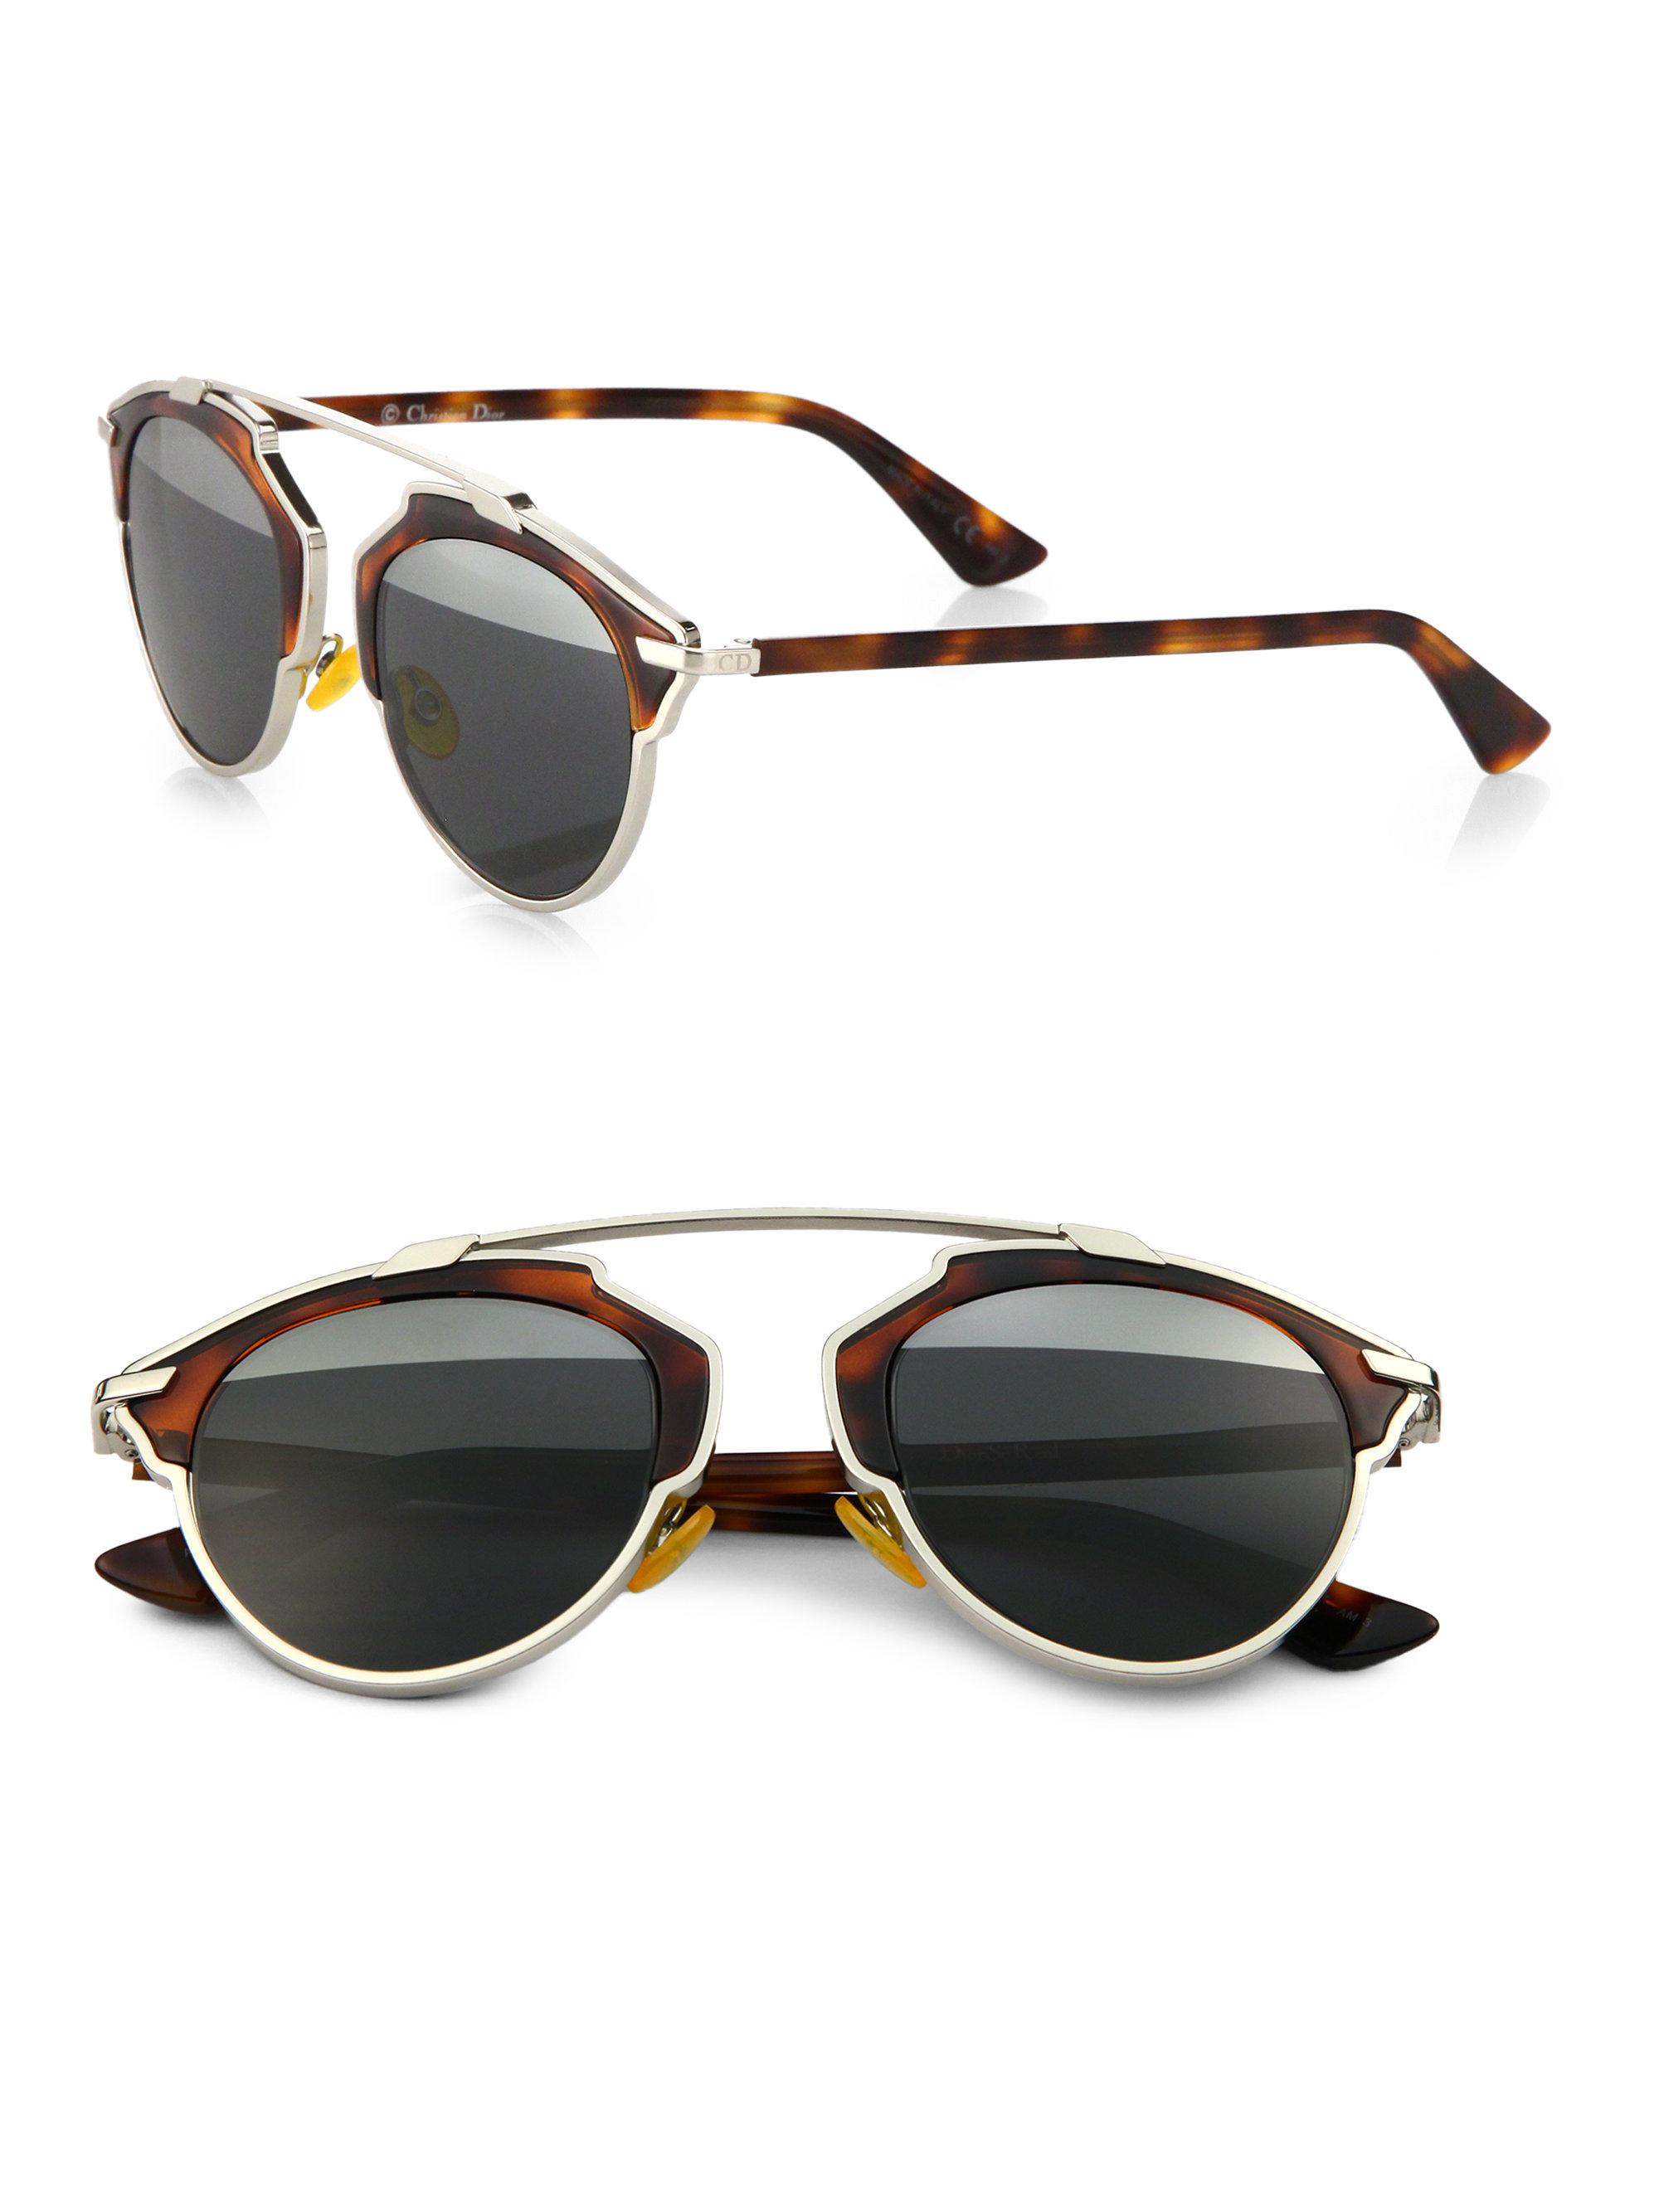 f1f8392c03 Dior Sunglasses So Real Replica